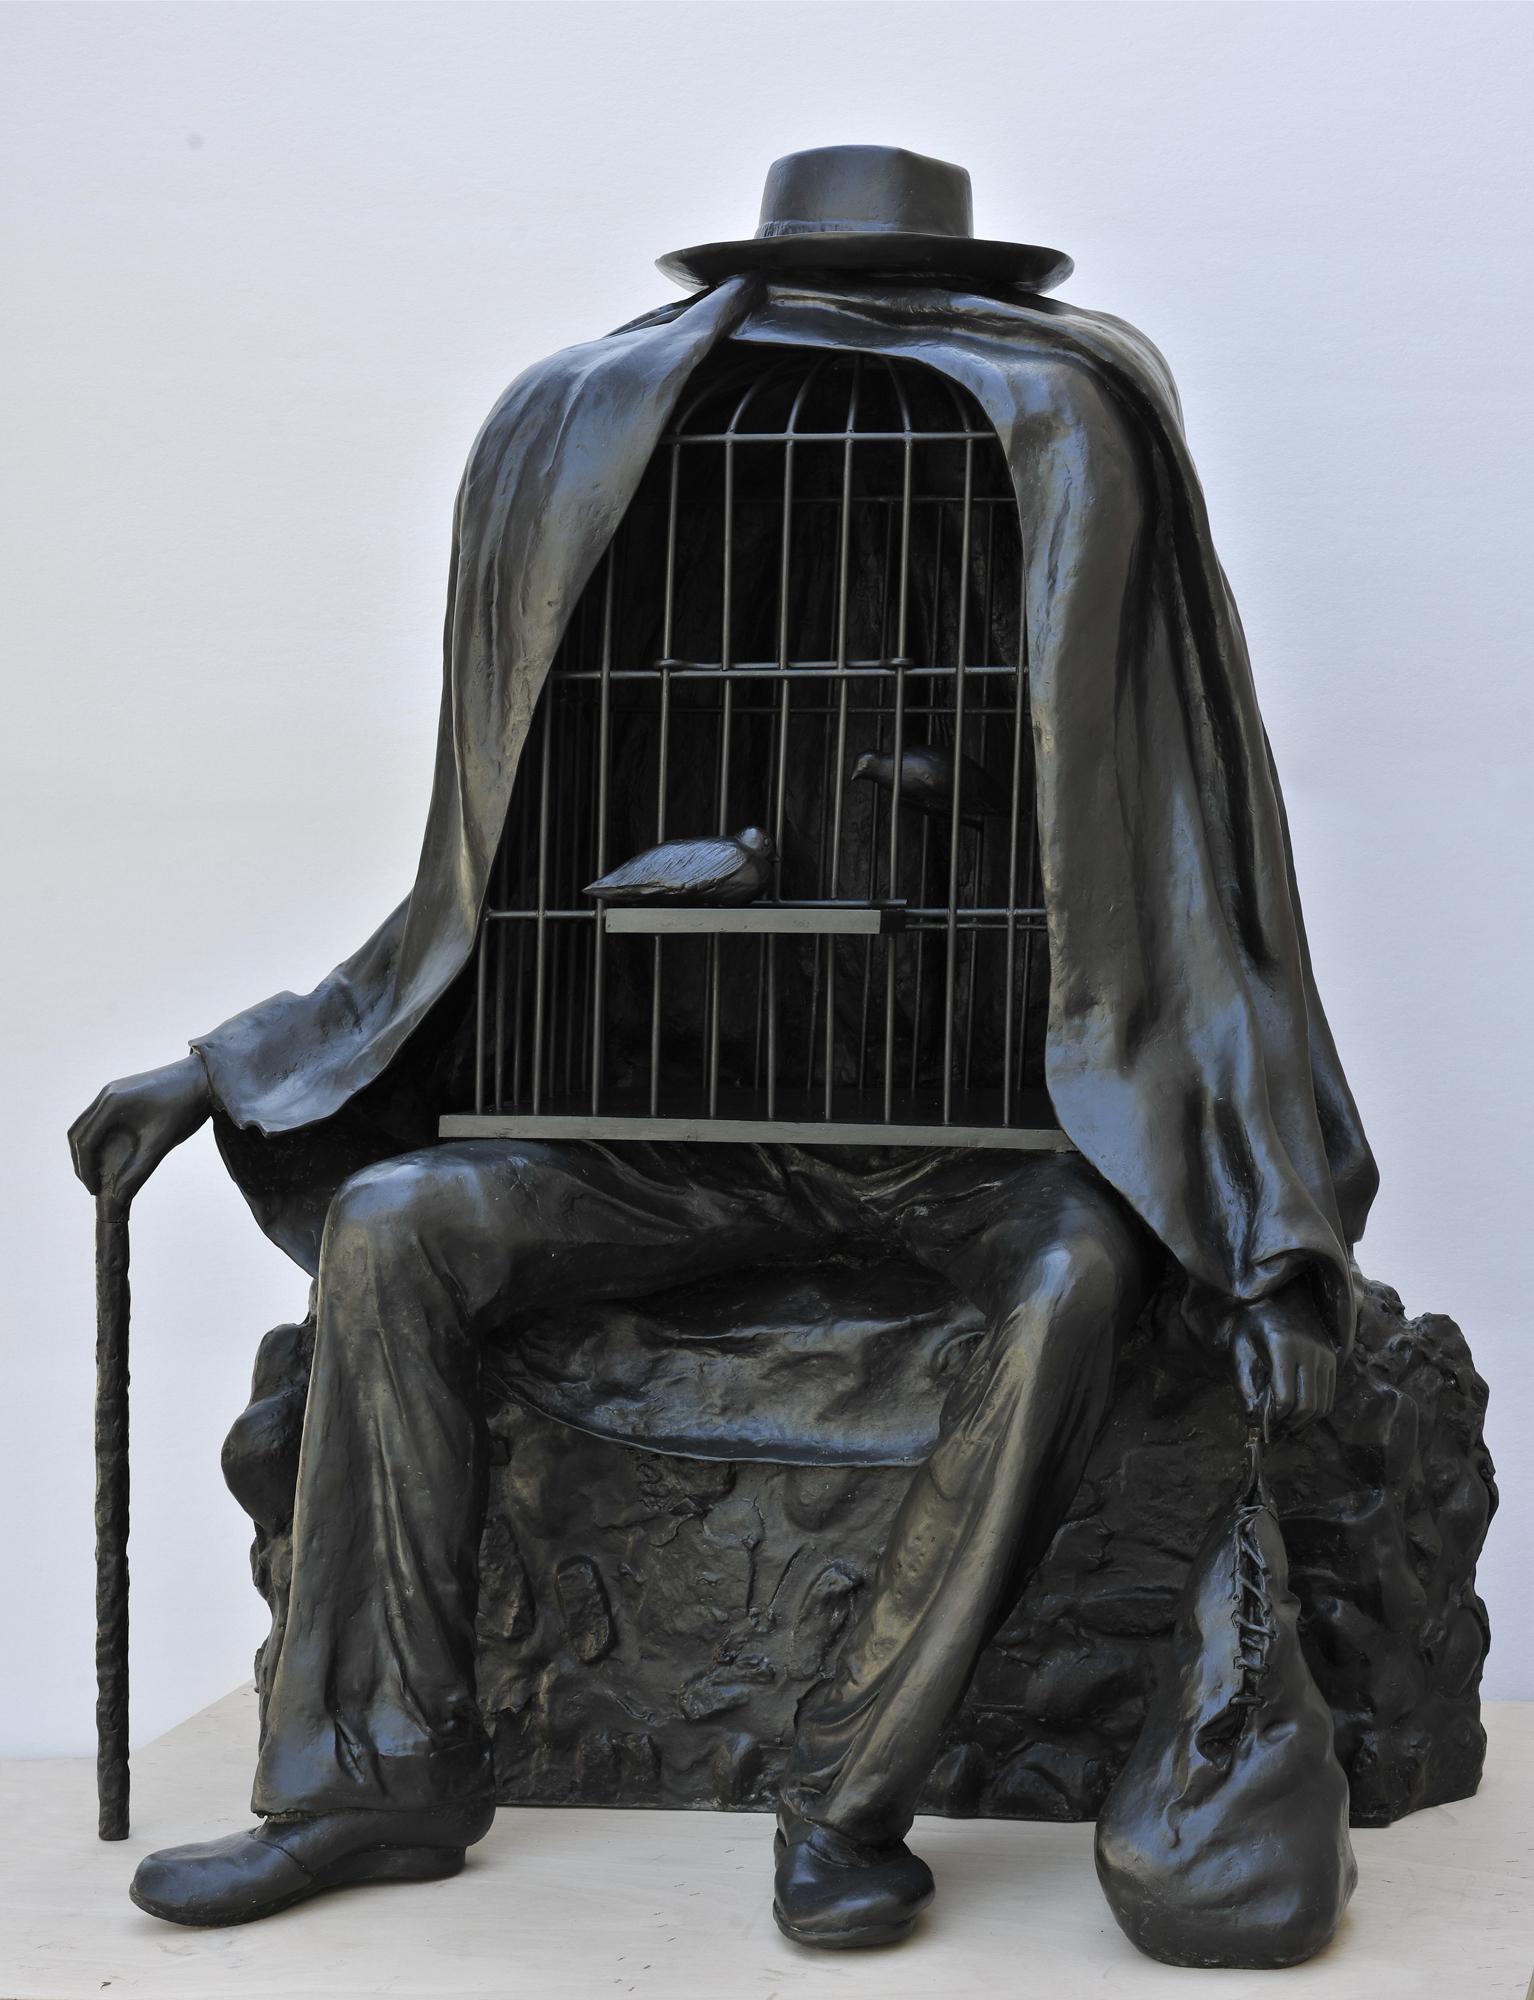 Ρενέ Μαγκρίτ (René Magritte)